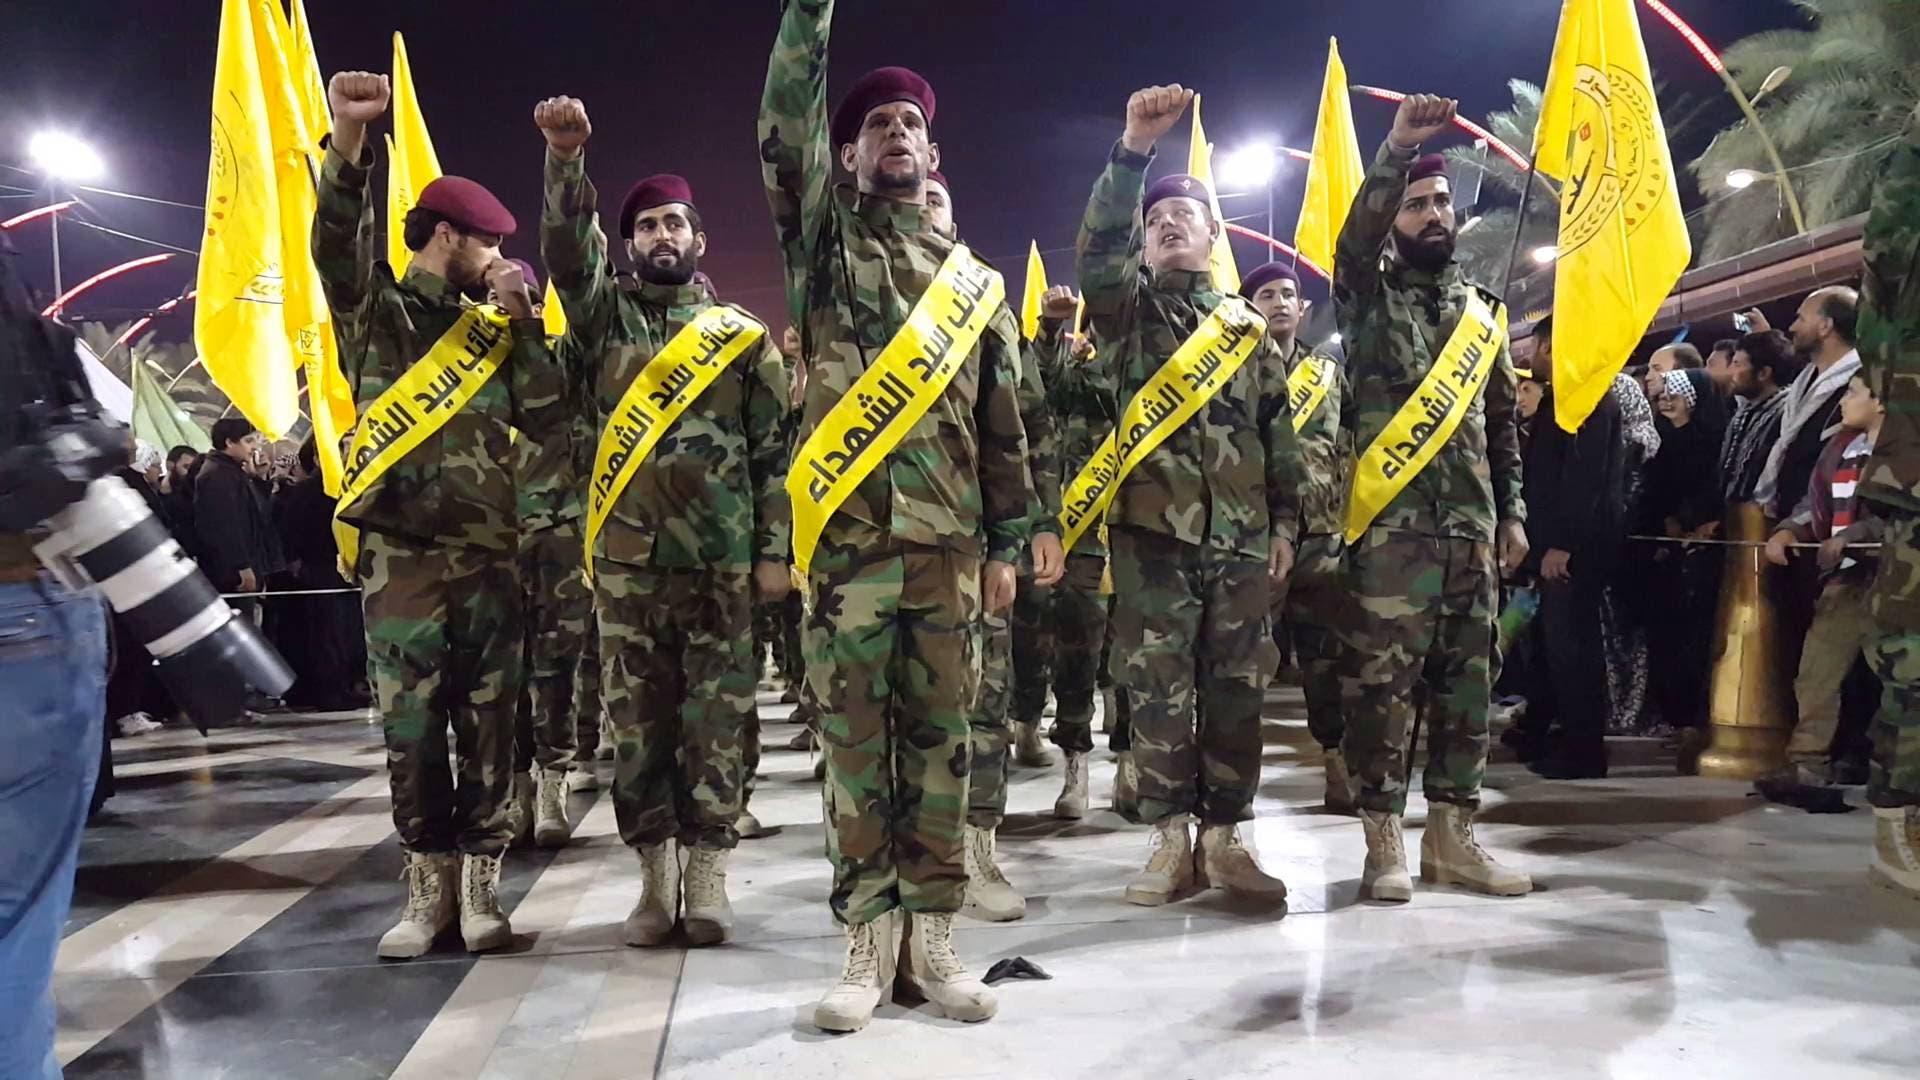 ميليشيا سيد الشهداء العراقية